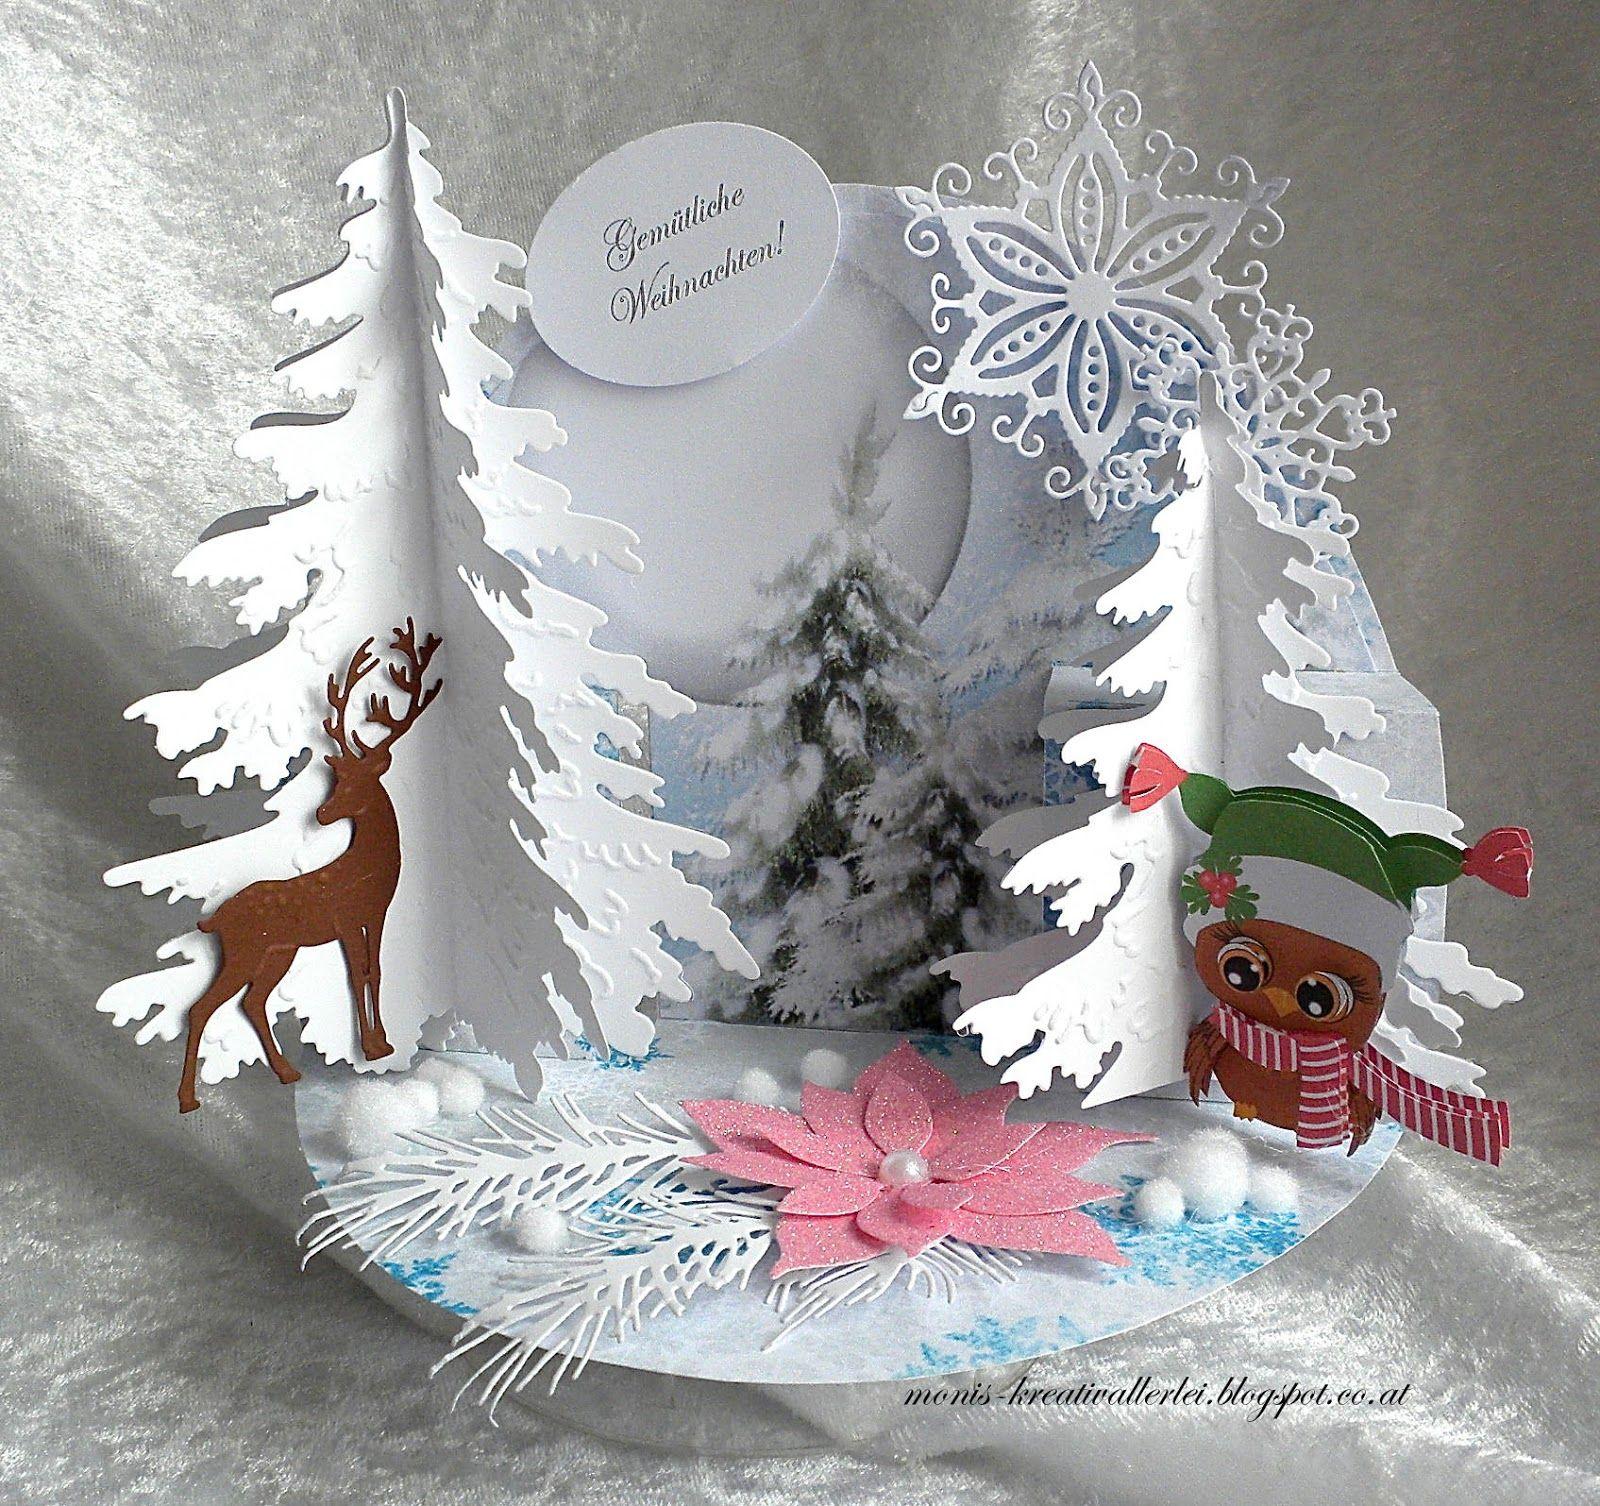 Weihnachten rückt immer näher... Wünsche euch viel Spaß beim Ansehen ...